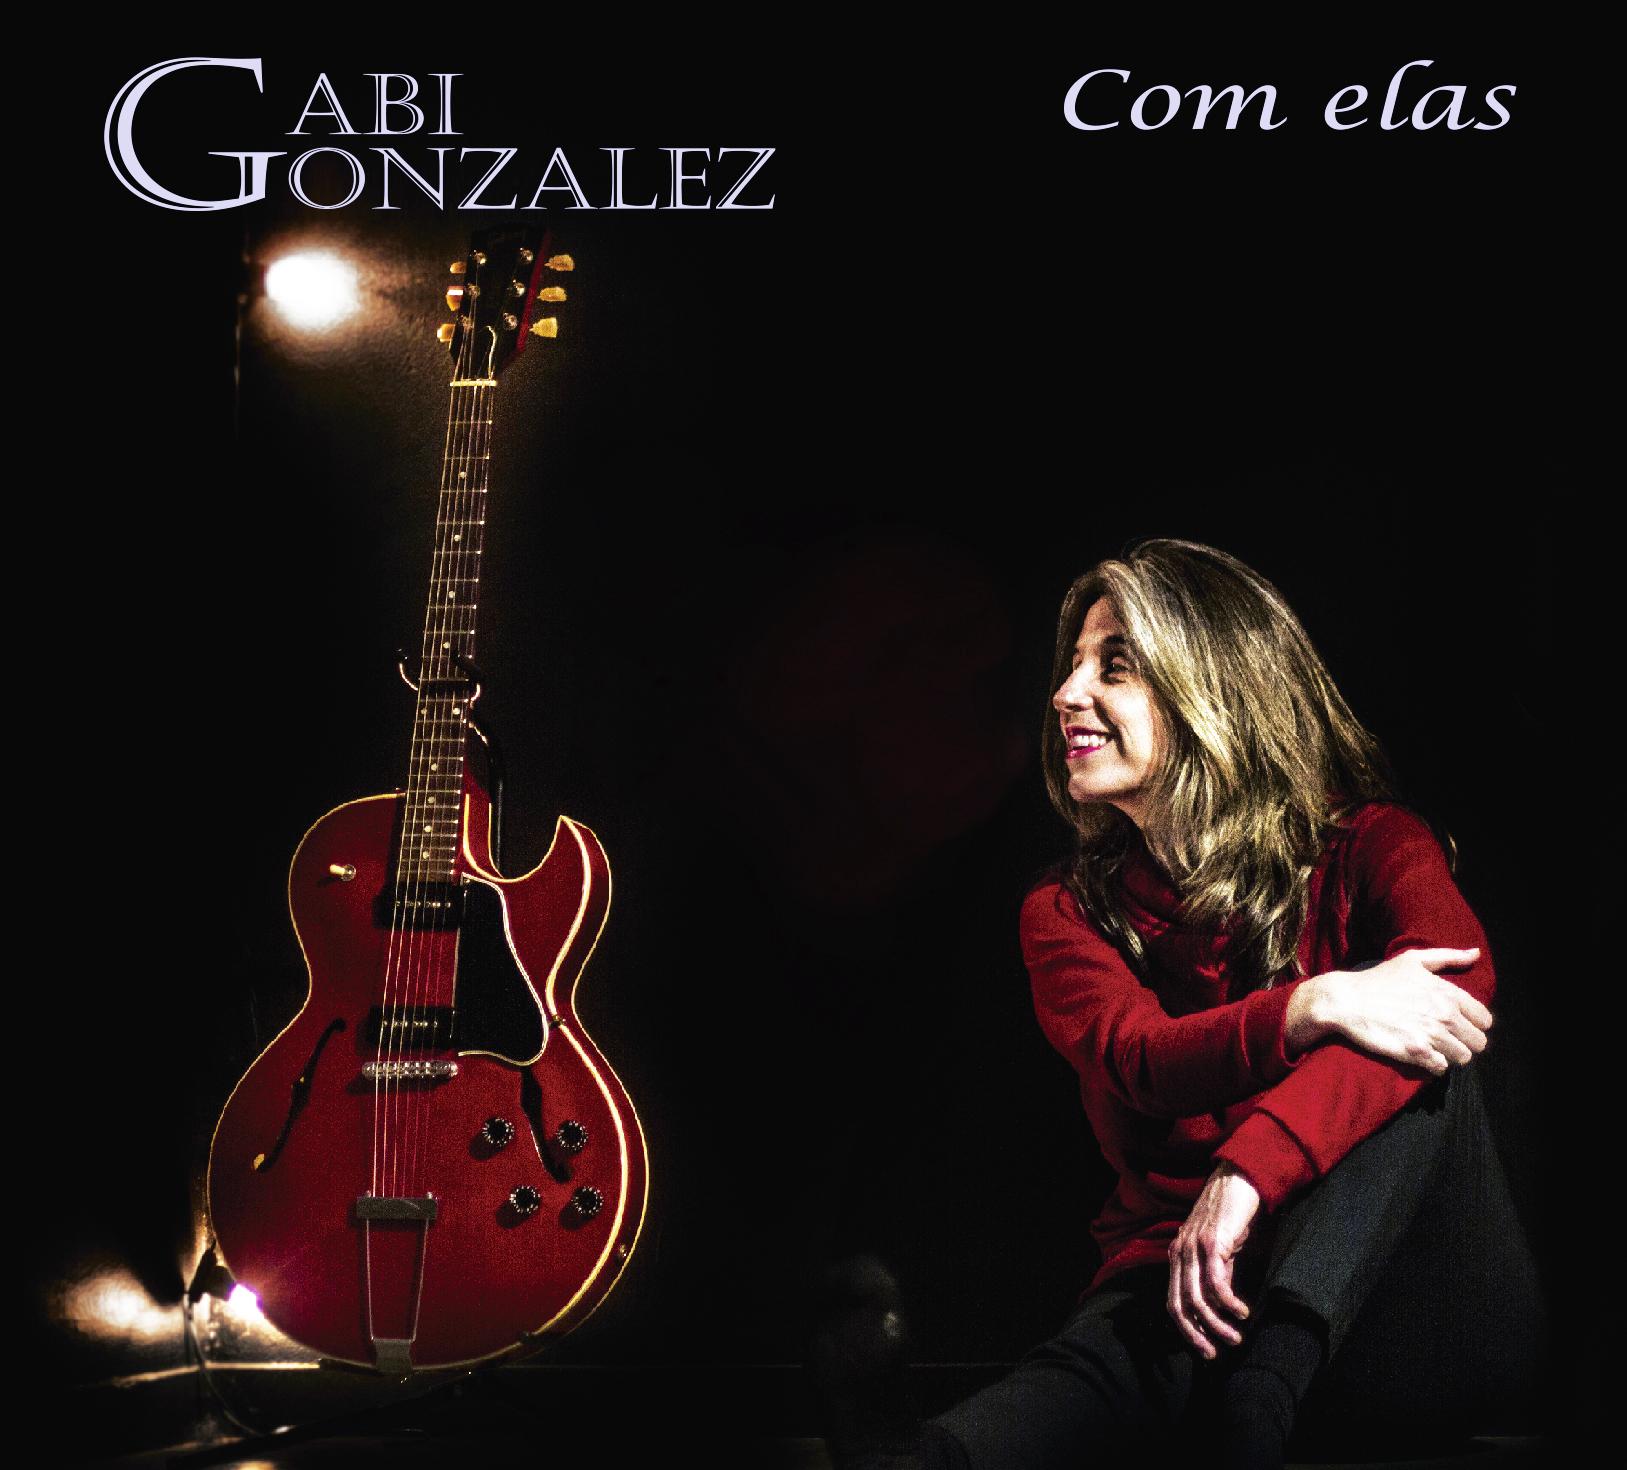 Gabi Gonzalez